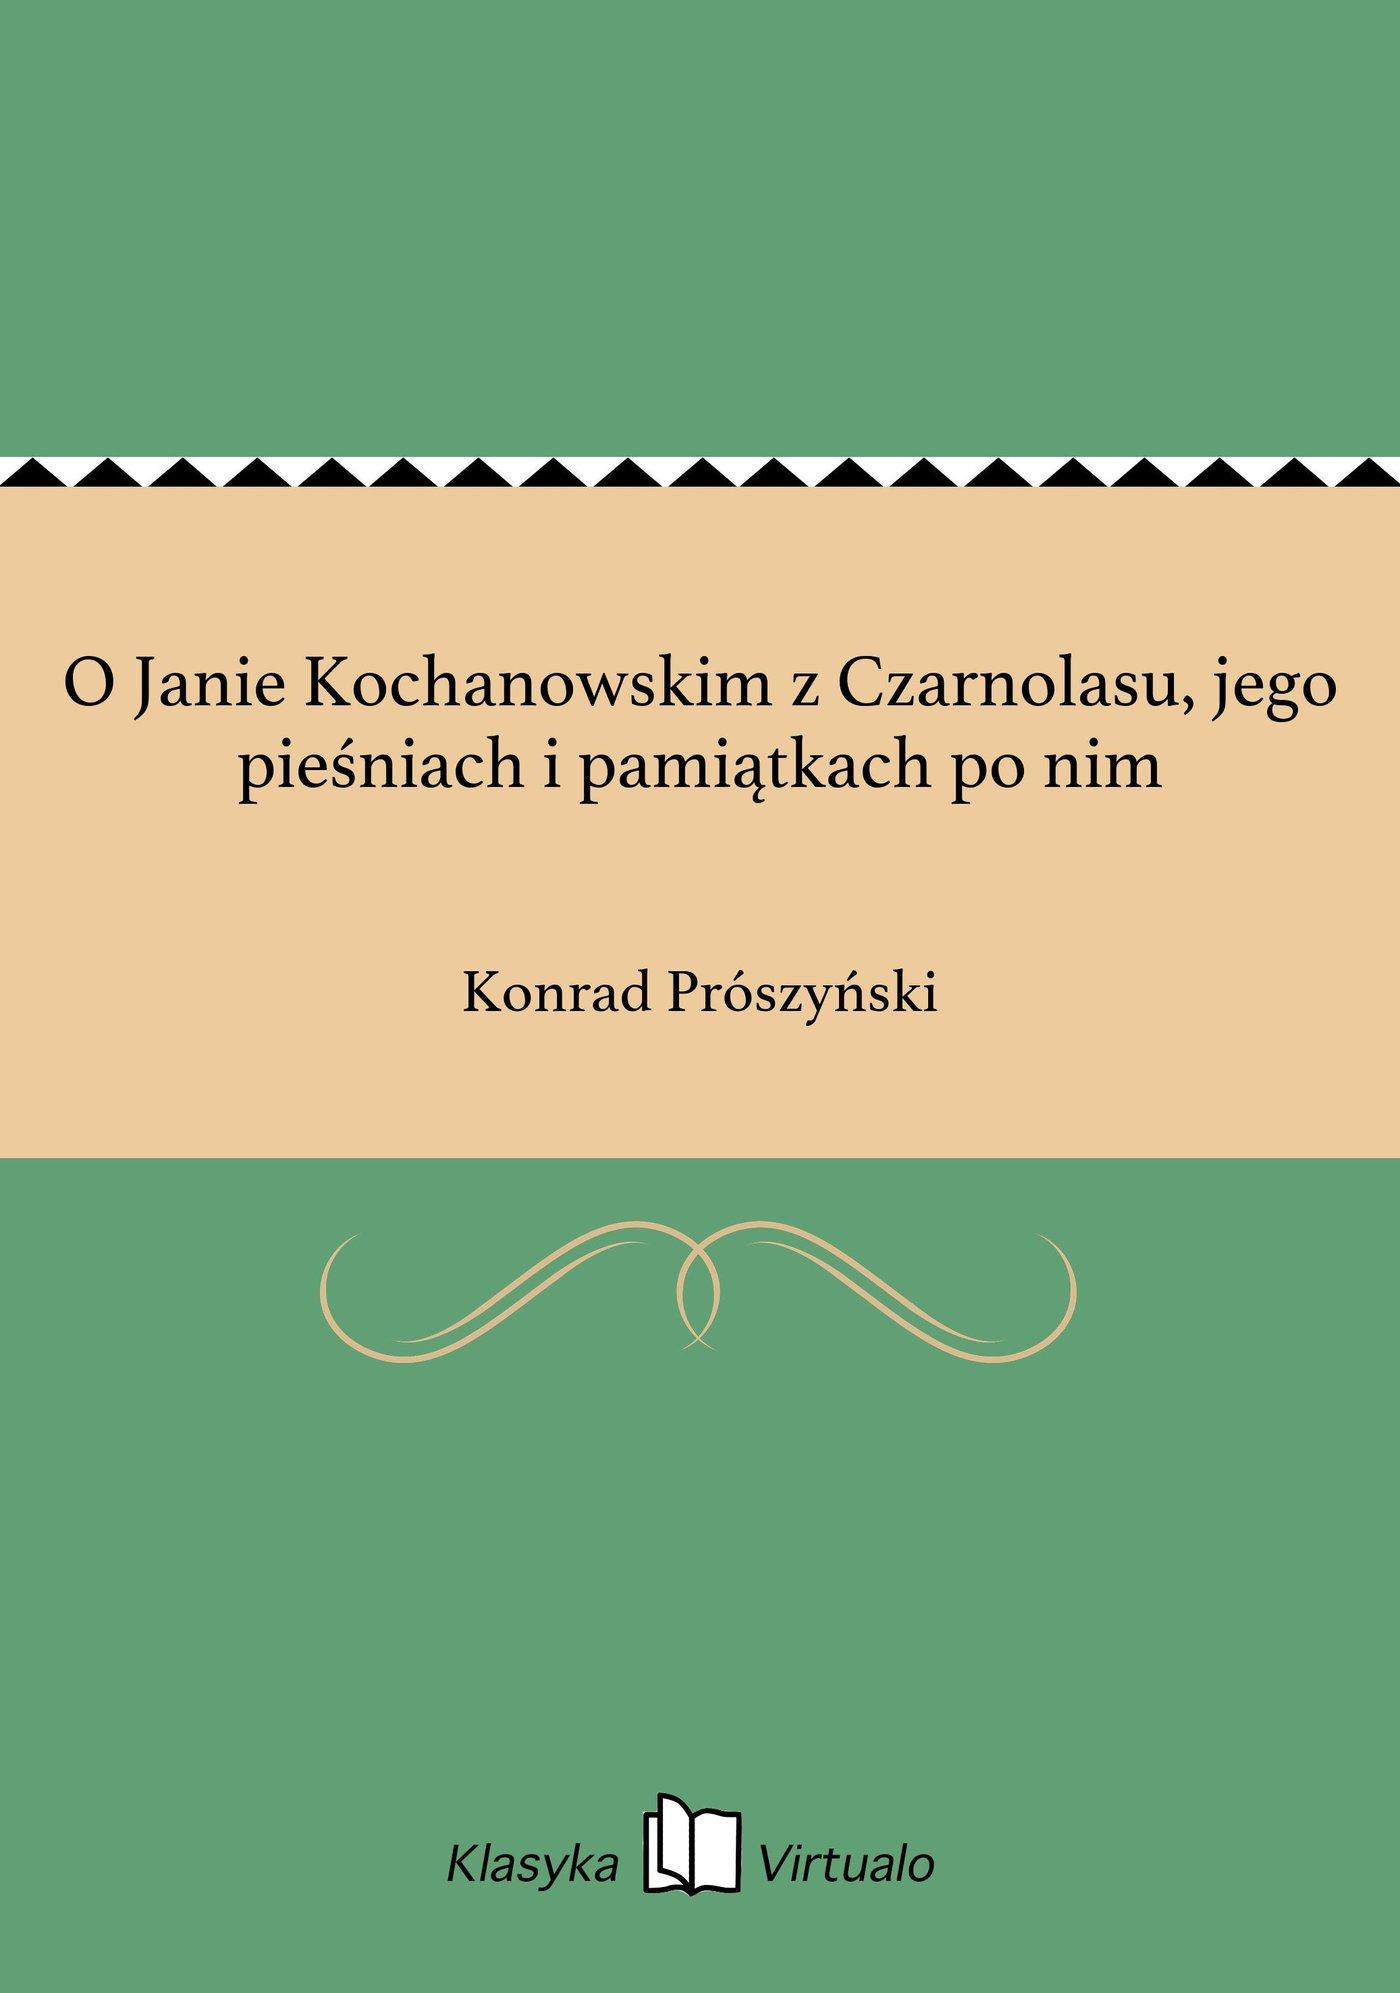 O Janie Kochanowskim z Czarnolasu, jego pieśniach i pamiątkach po nim - Ebook (Książka na Kindle) do pobrania w formacie MOBI